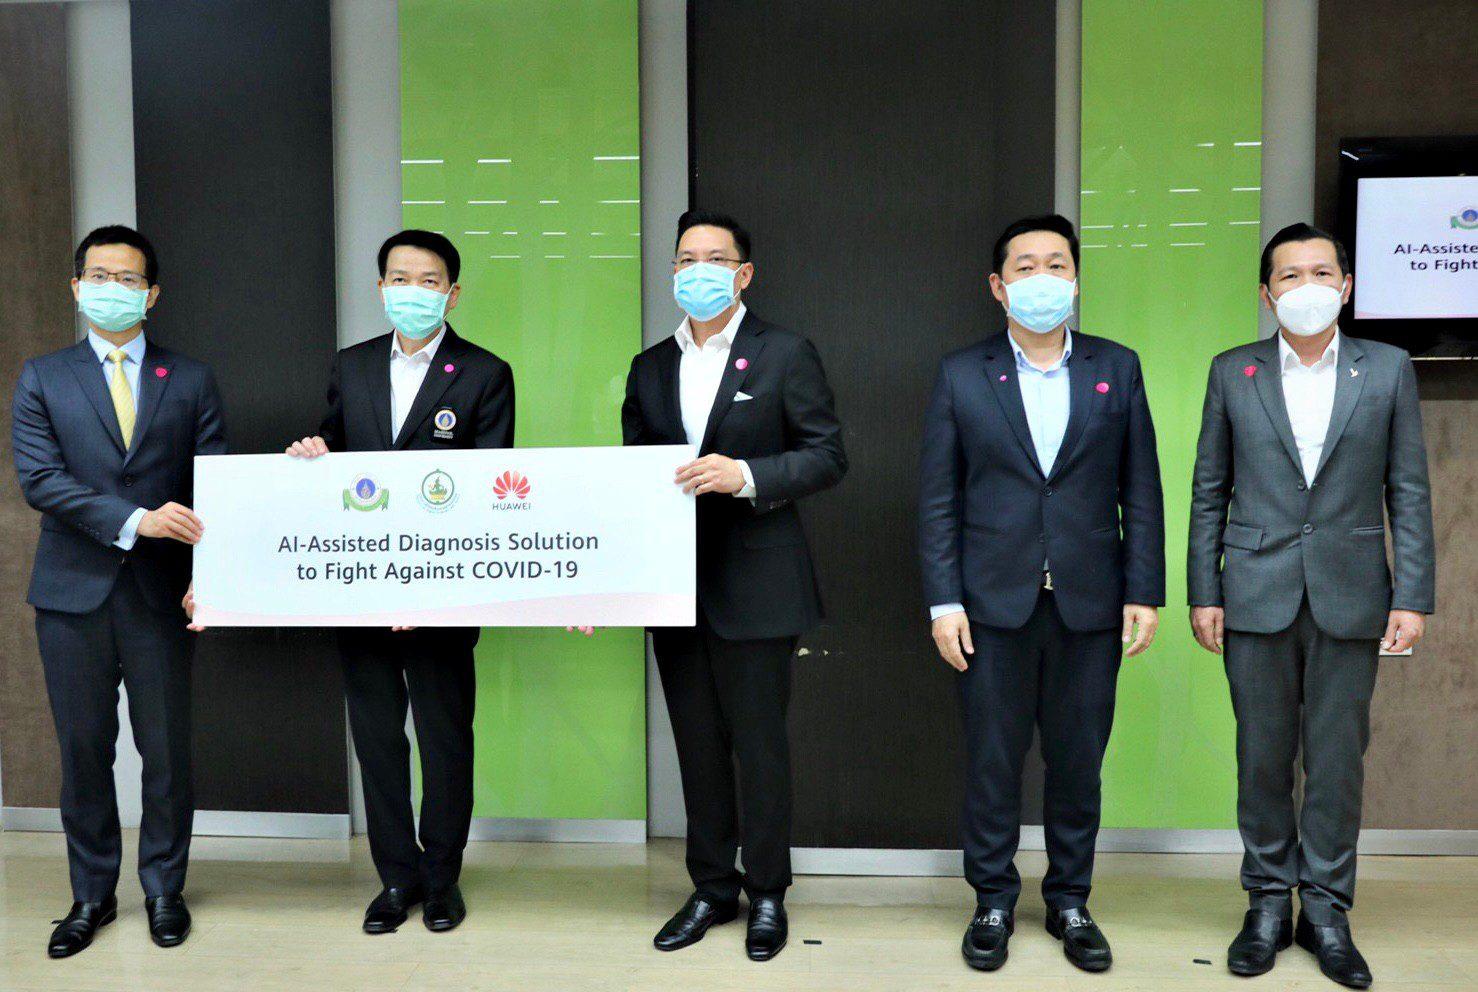 """""""ดีอีเอส"""" จับมือ """"ดีป้า"""" และ """"หัวเว่ย เทคโนโลยี่ ประเทศไทย""""  ส่งมอบโซลูชันผู้ช่วย AI สำหรับการตรวจหาเชื้อ COVID-19  แก่โรงพยาบาลรามาธิบดี"""